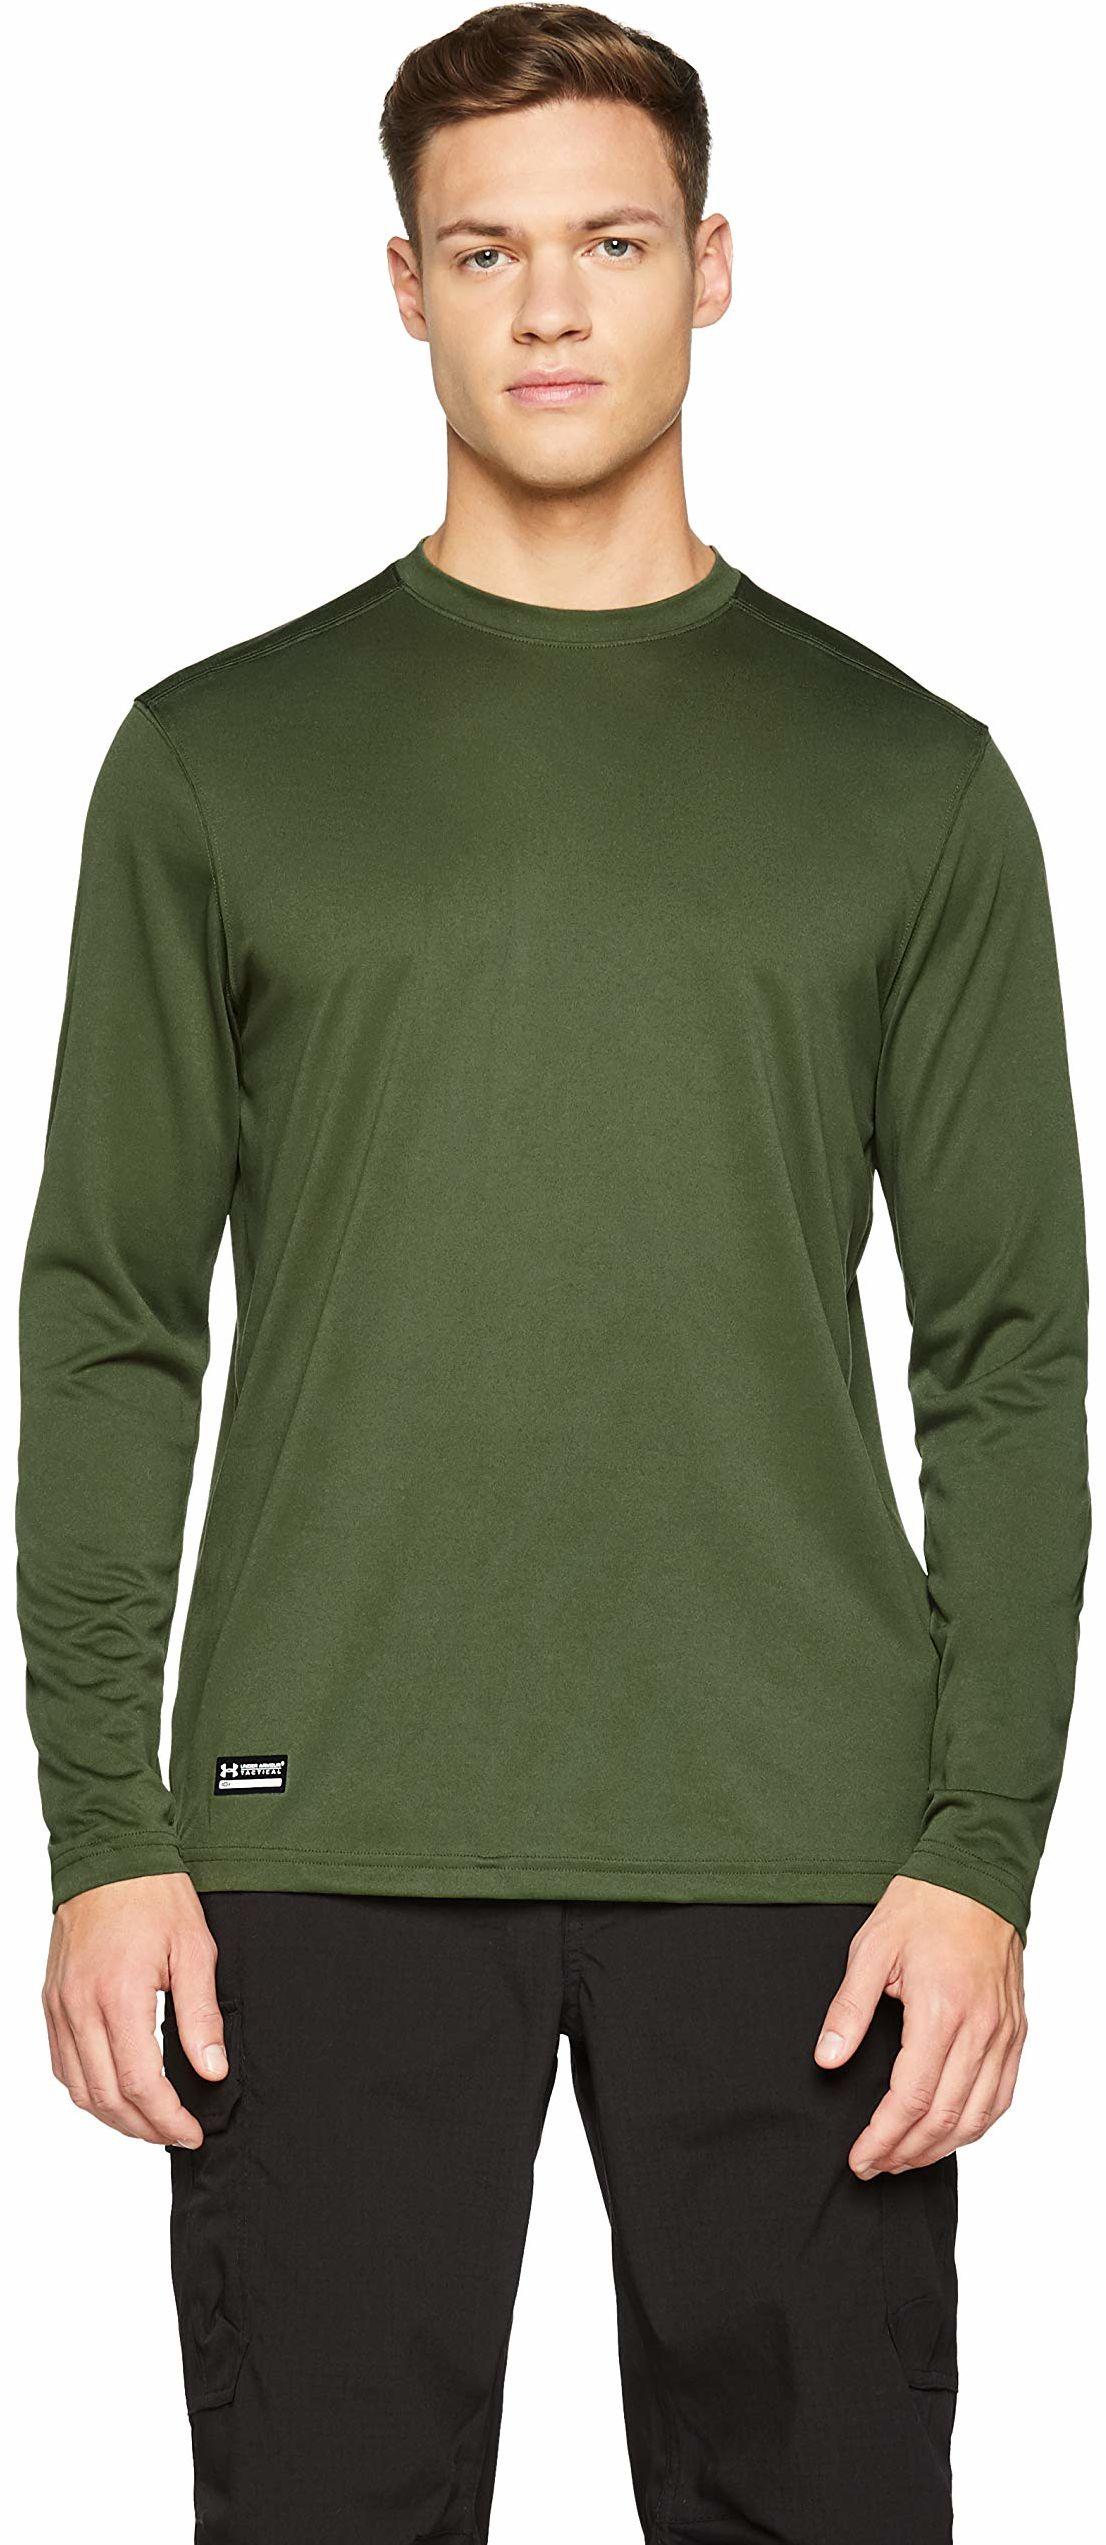 Under Armour męski T-shirt sportowy wykonany z technologią antyzapachową, odzież na siłownię z wygodnym dopasowaniem UA TAC Tech koszulka z długim rękawem Marine Od Green/None L